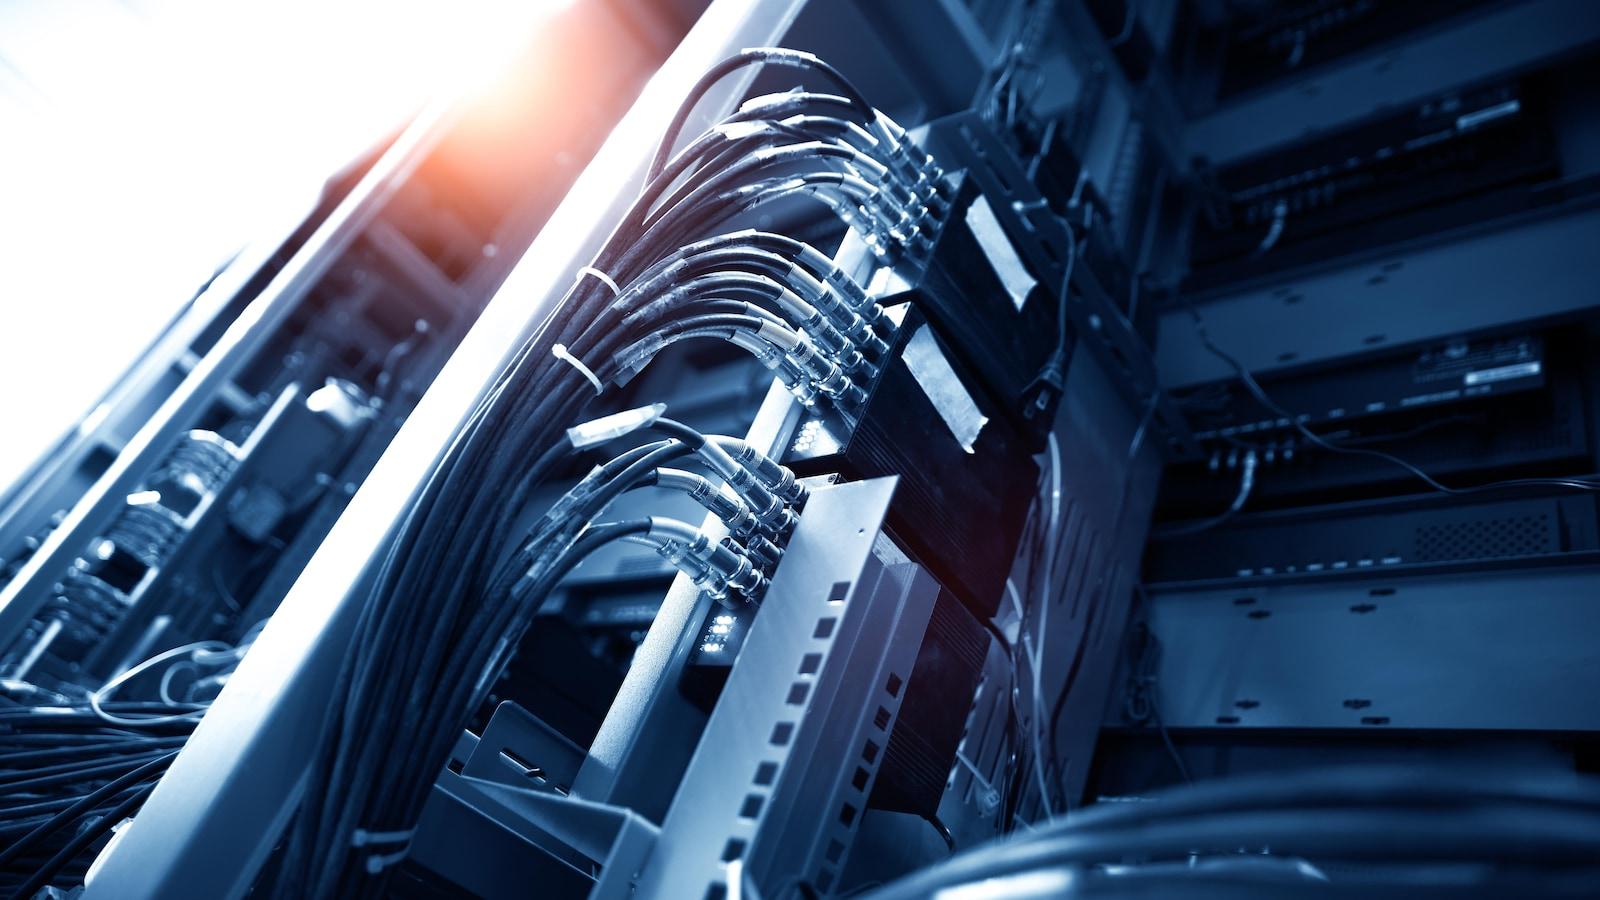 Des fils, connecteurs et panneaux.